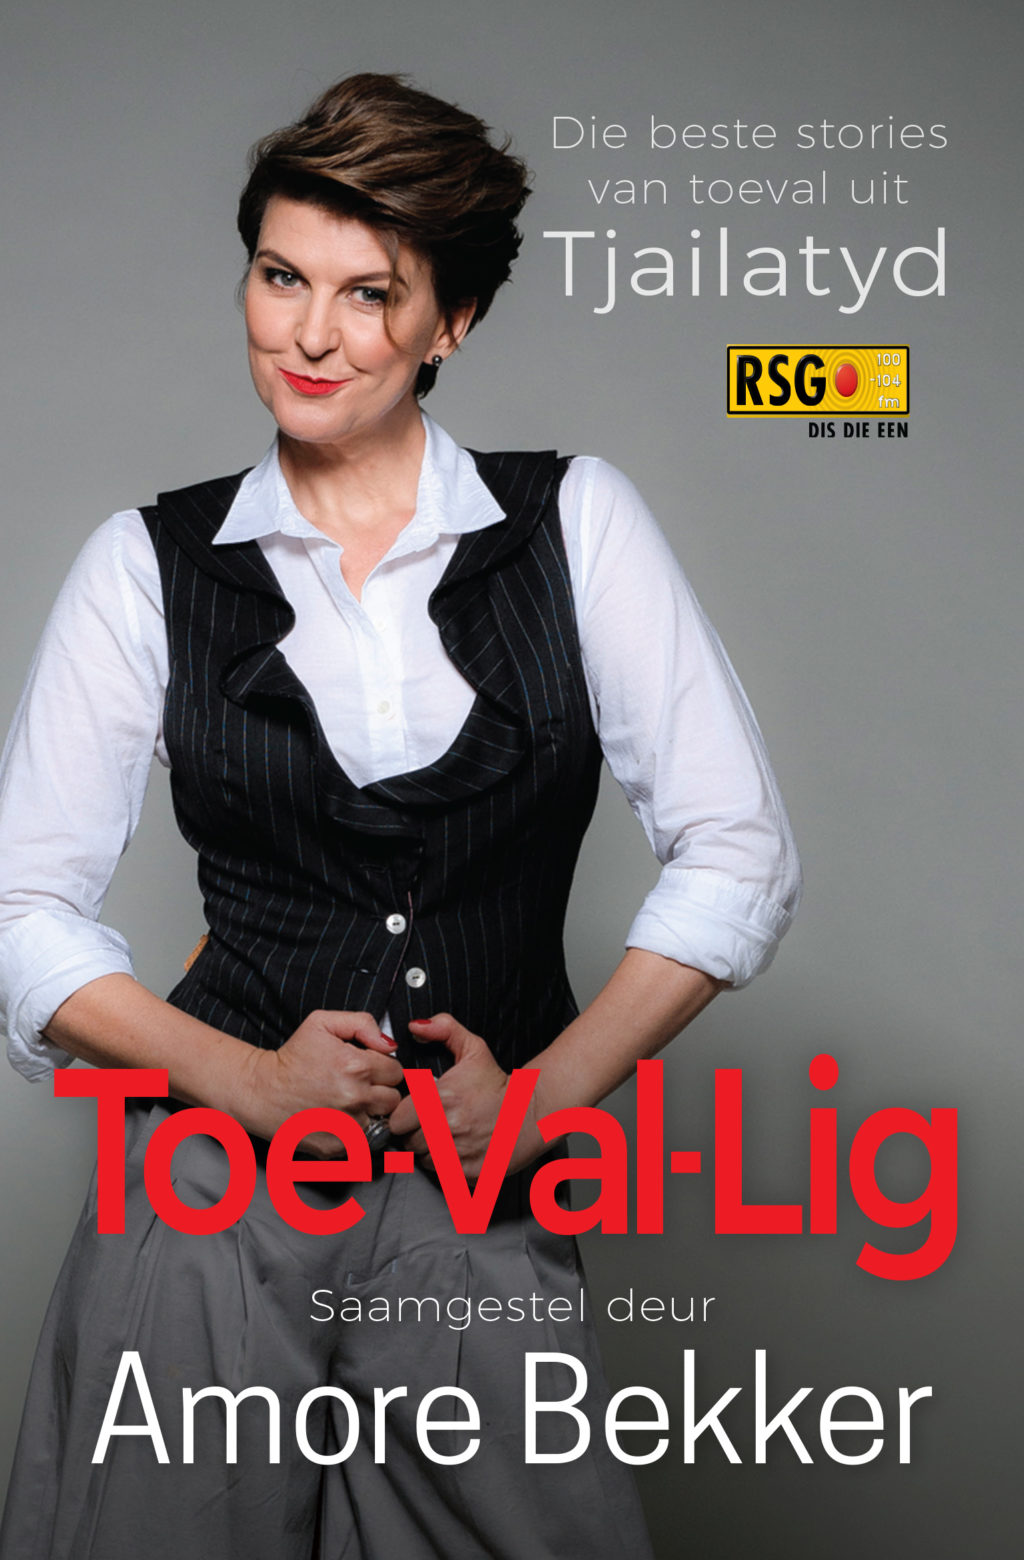 Toe-Val-Lig, die boek, nou op rak